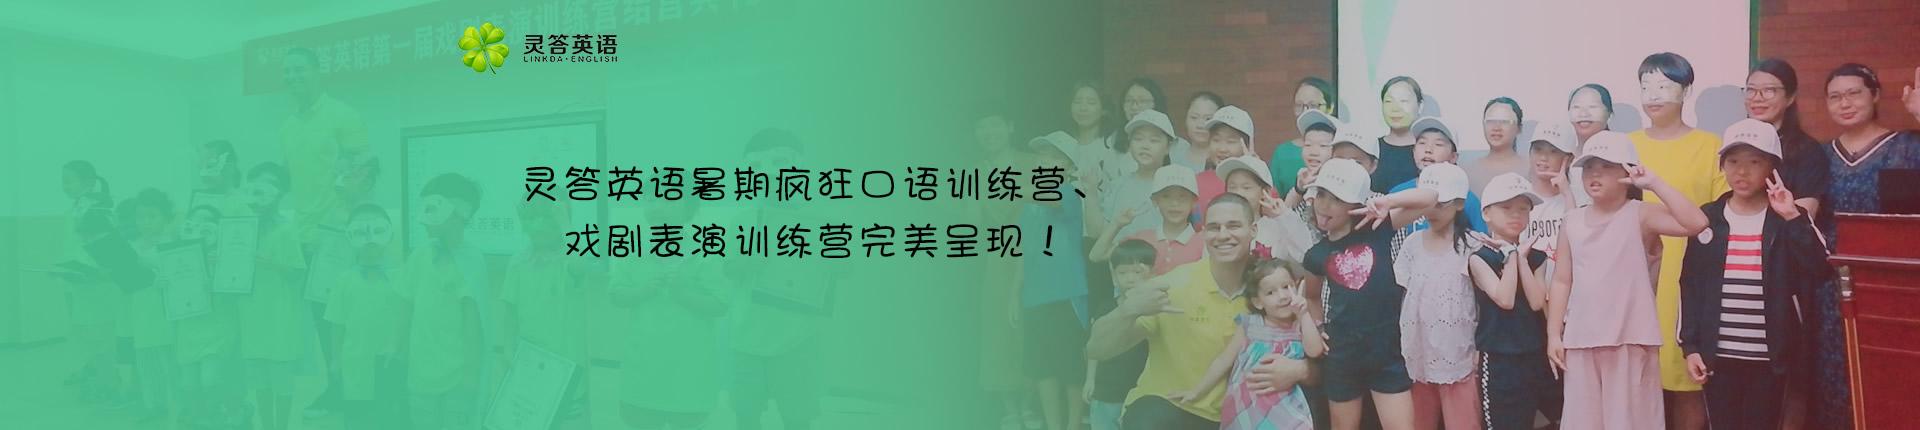 郑州灵答英语